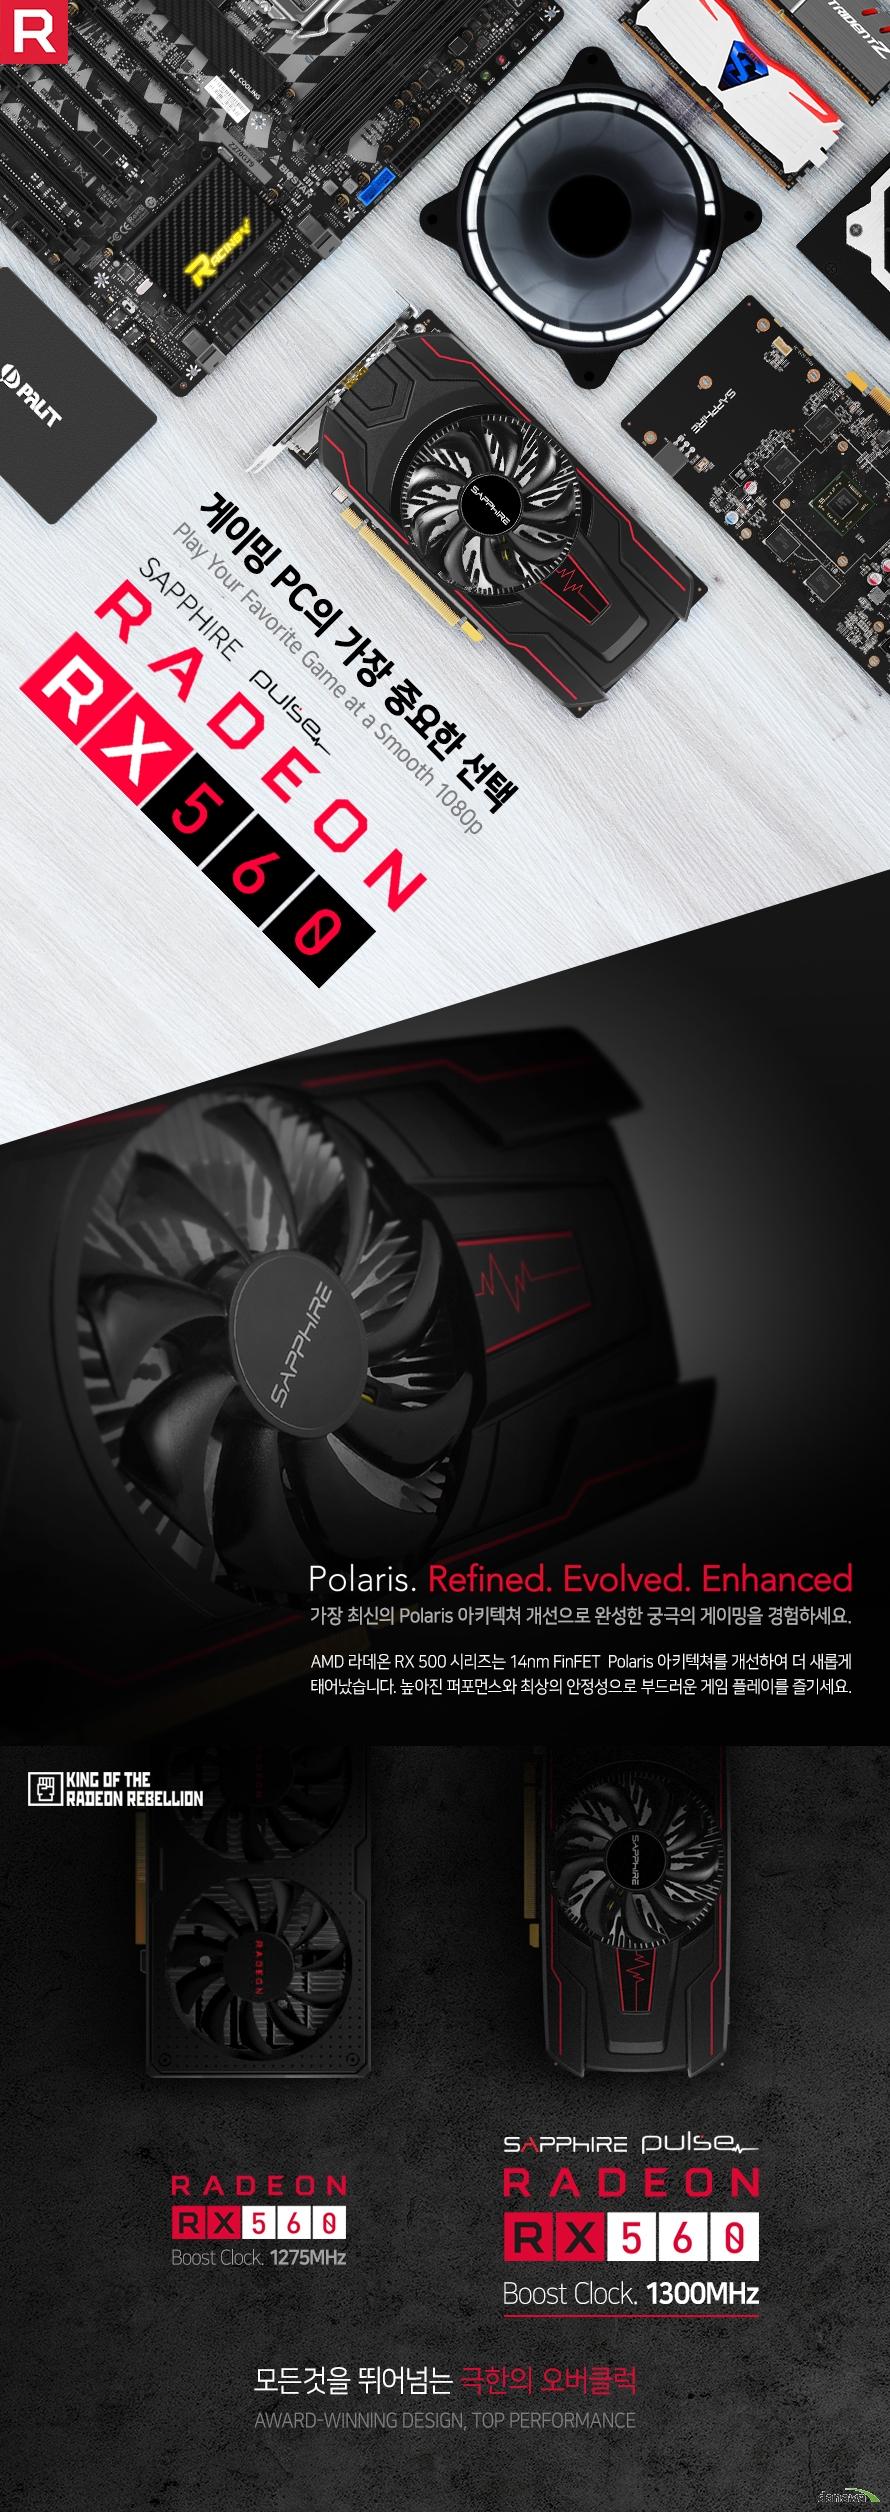 게이밍 PC의 가장 중요한 선택 가장 최신의 Polaris 아키텍쳐 개선으로 완성한 궁극의 게이밍을 경험하세요 AMD 라데온 RX 500 시리즈는 14nm FinFET  Polaris 아키텍쳐를 개선하여 더 새롭게 태어났습니다. 높아진 퍼포먼스와 최상의 안정성으로 부드러운 게임 플레이를 즐기세요 옵션 타협이 필요 없는 쾌적한 게이밍 환경을 구현합니다. 라데온 RX 560 그래픽은 최상급 그래픽 품질에서도 60fps 이상의 원활한 플레이를 보장합니다